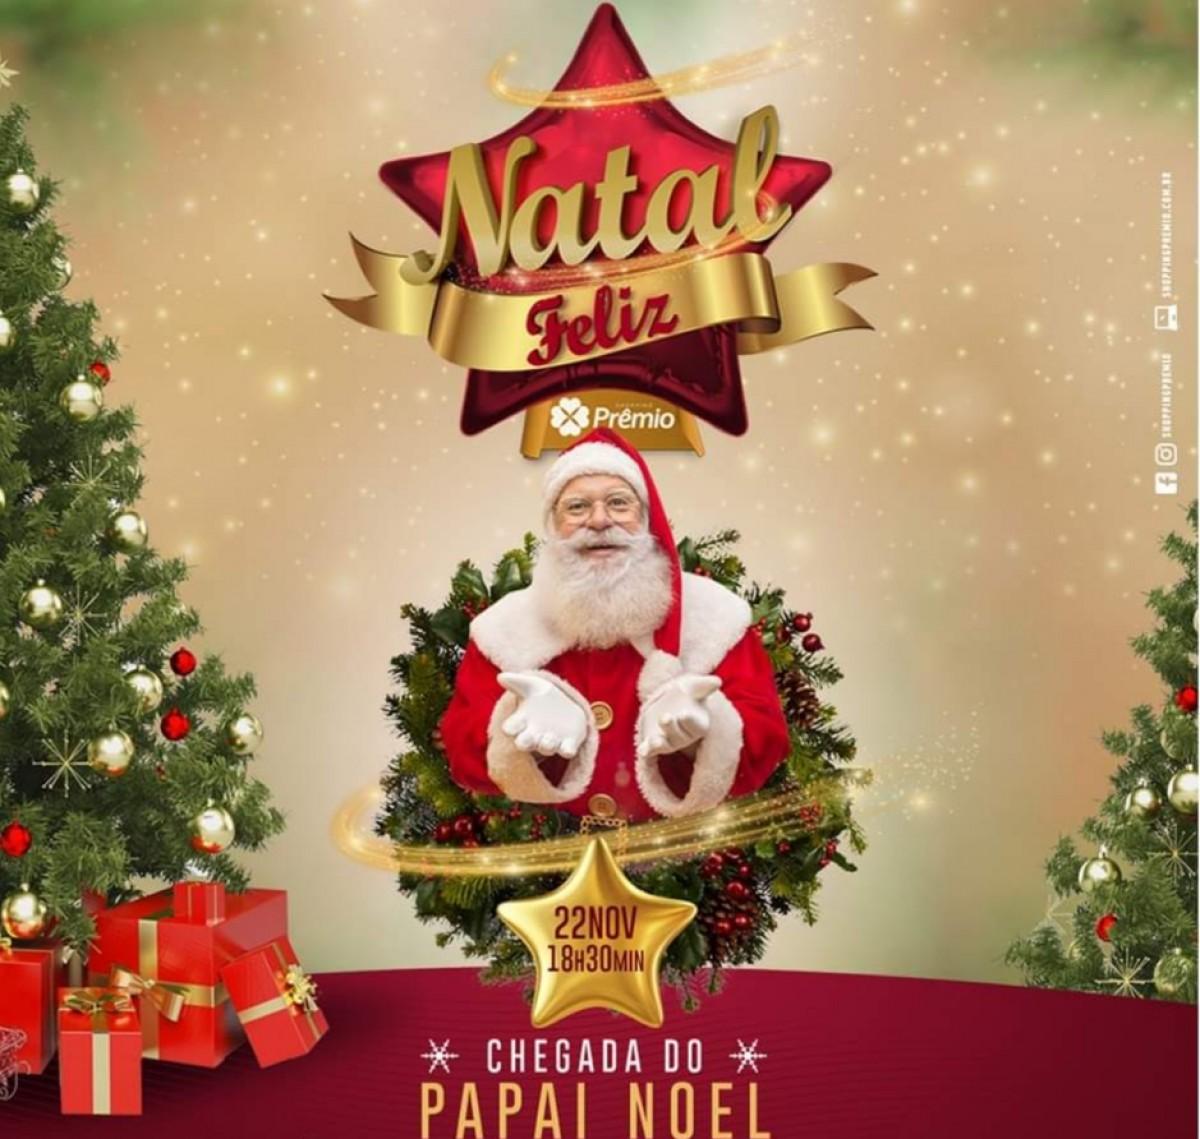 Papai Noel abre programação de Natal no Shopping Prêmio (Imagem: Divulgação/ Shopping Prêmio)